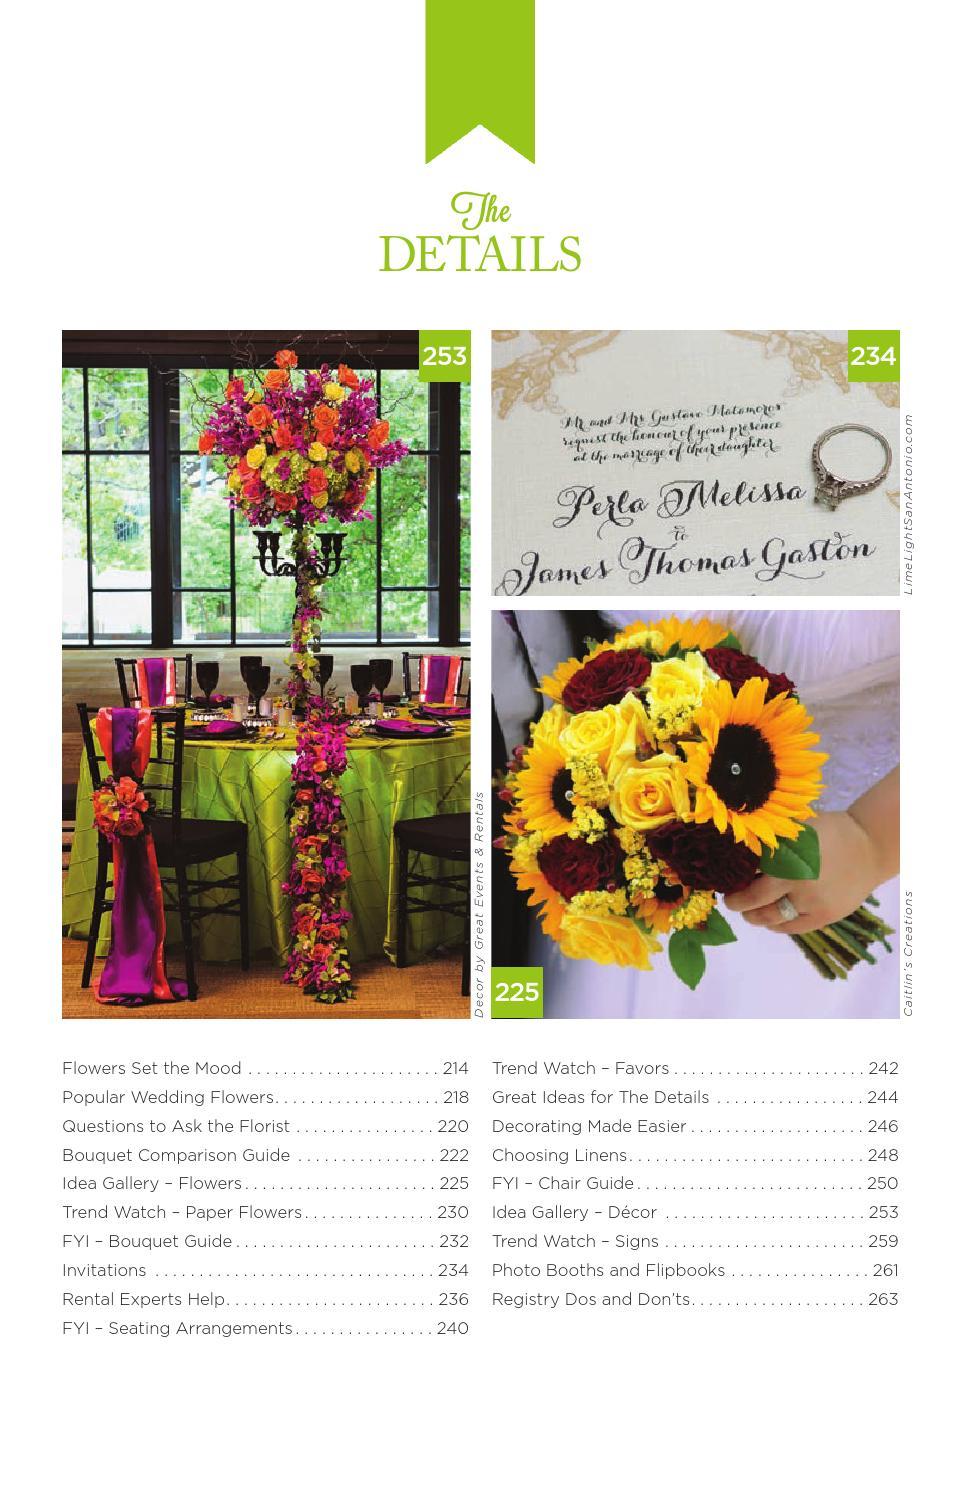 san antonio's wedding guide #54texas wedding guide - issuu